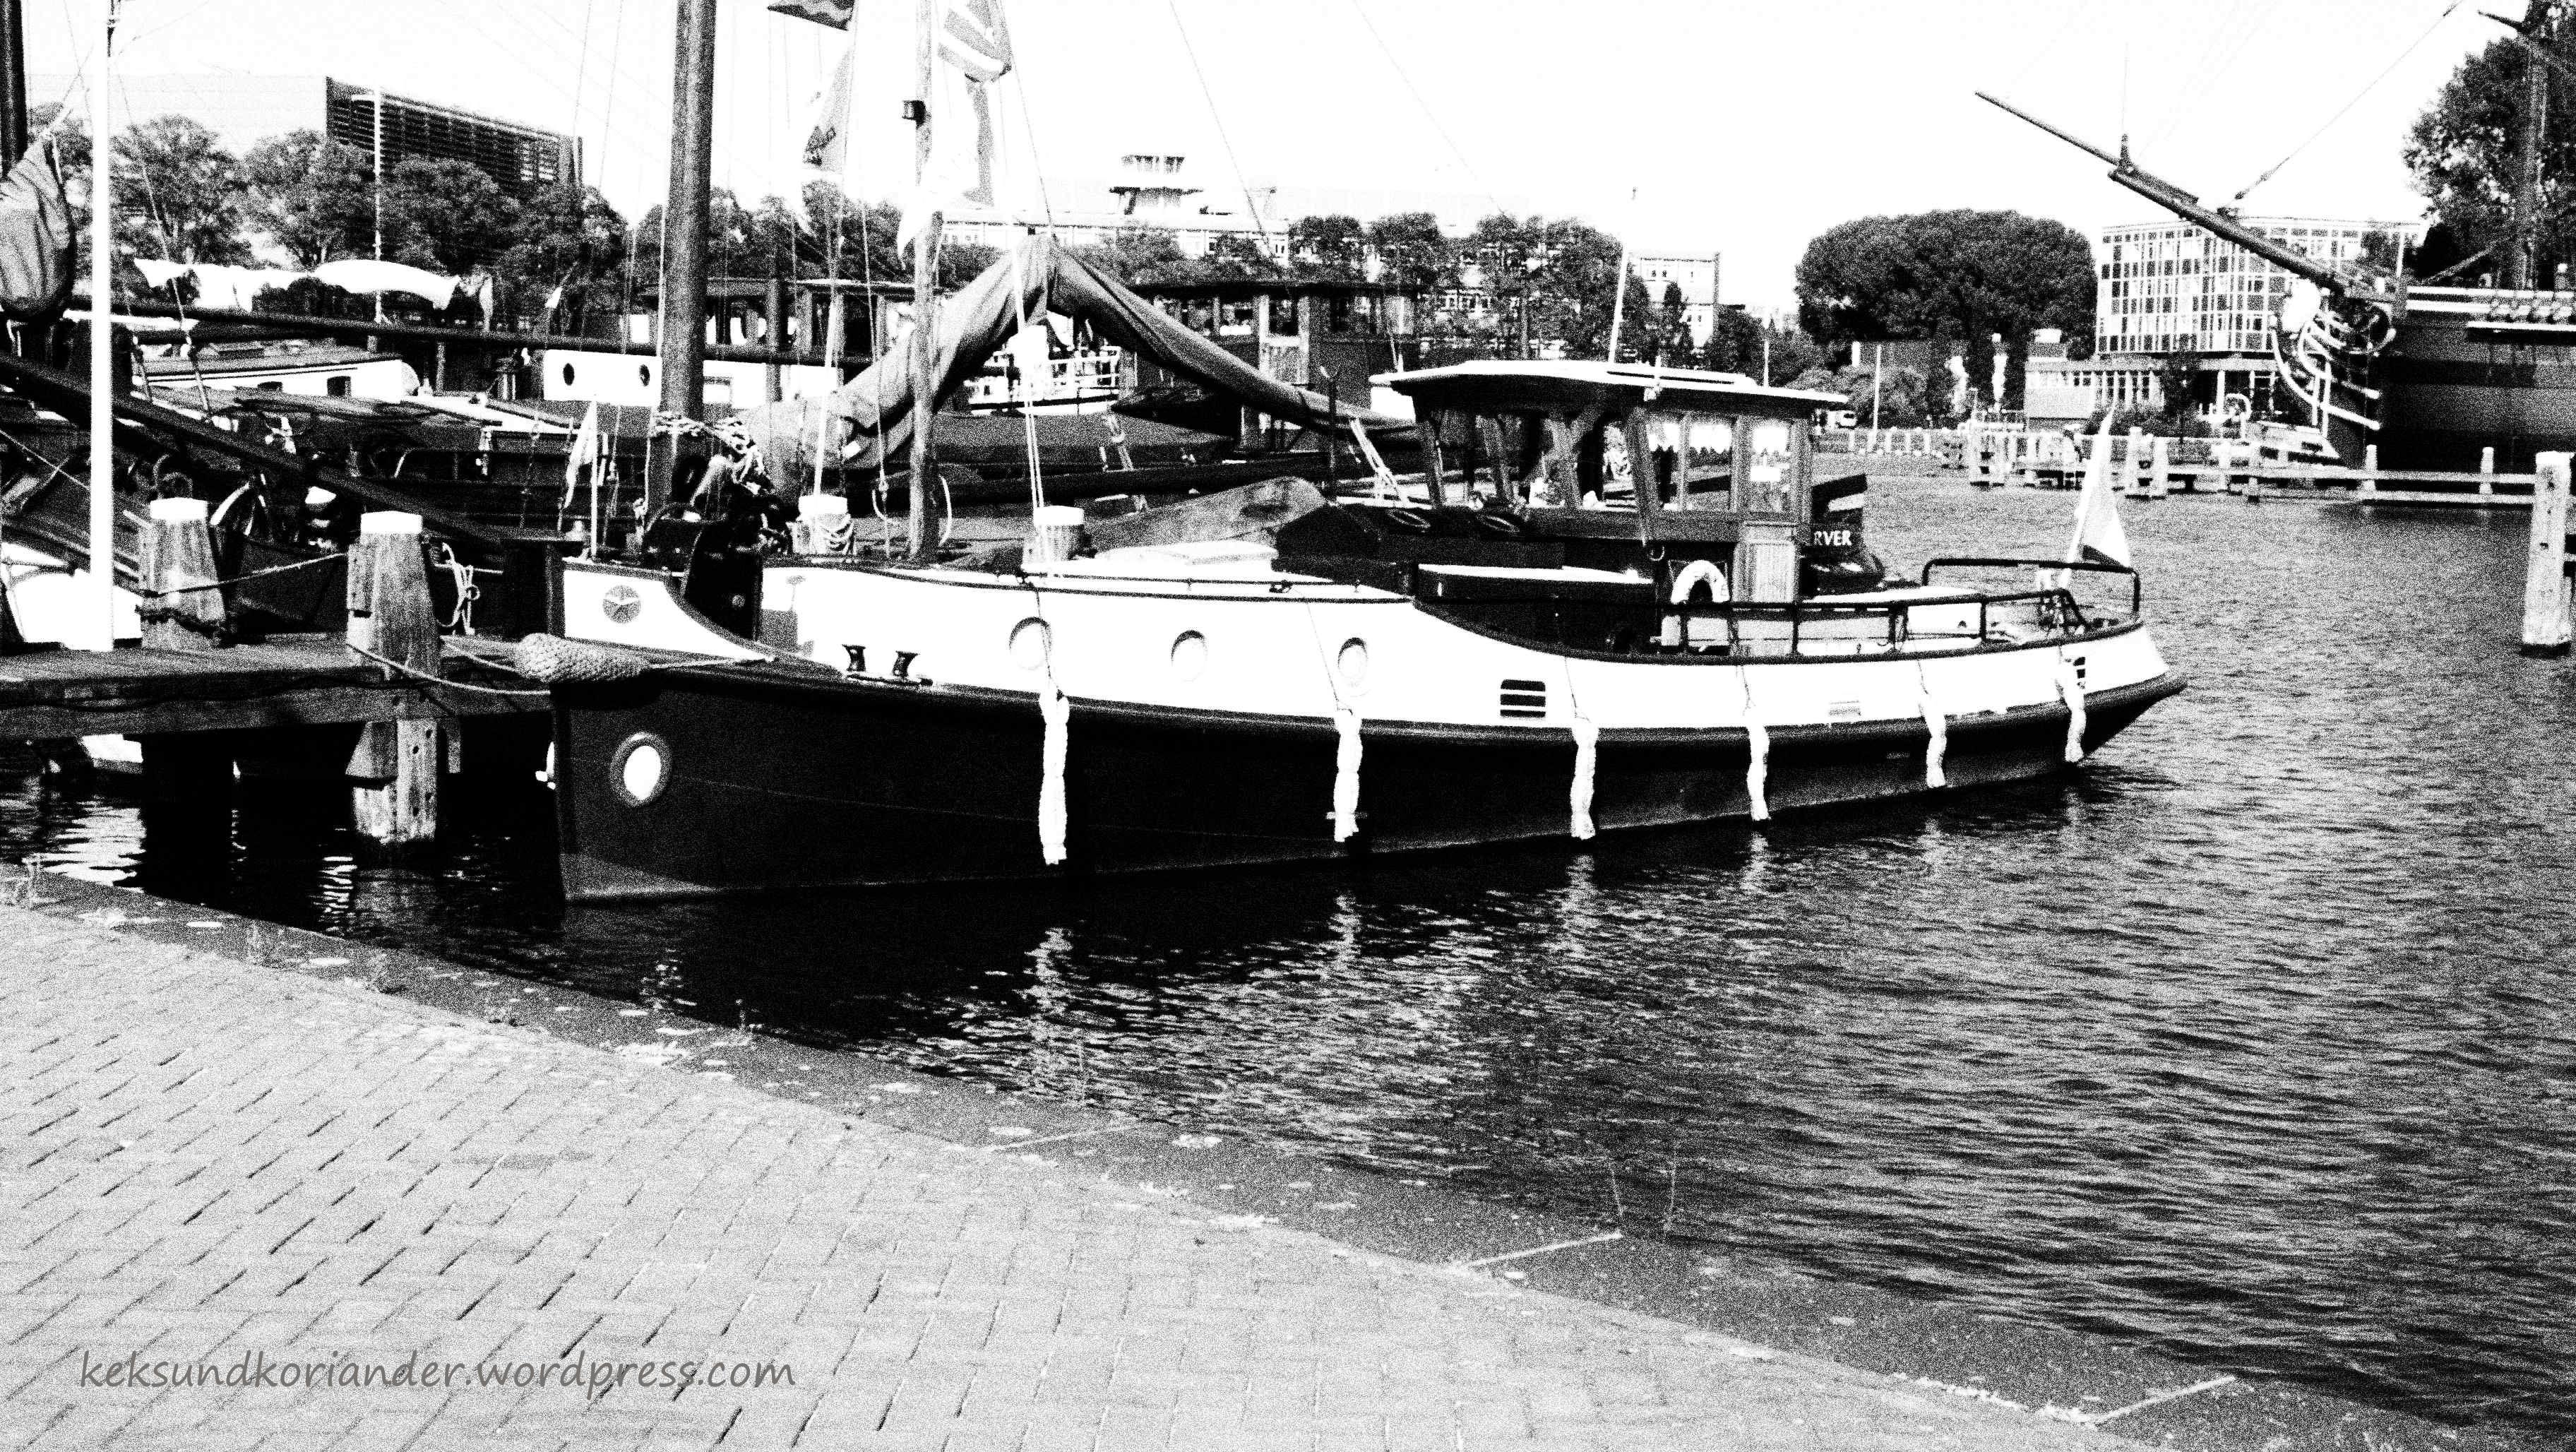 Grachten Amsterdam Niederlande